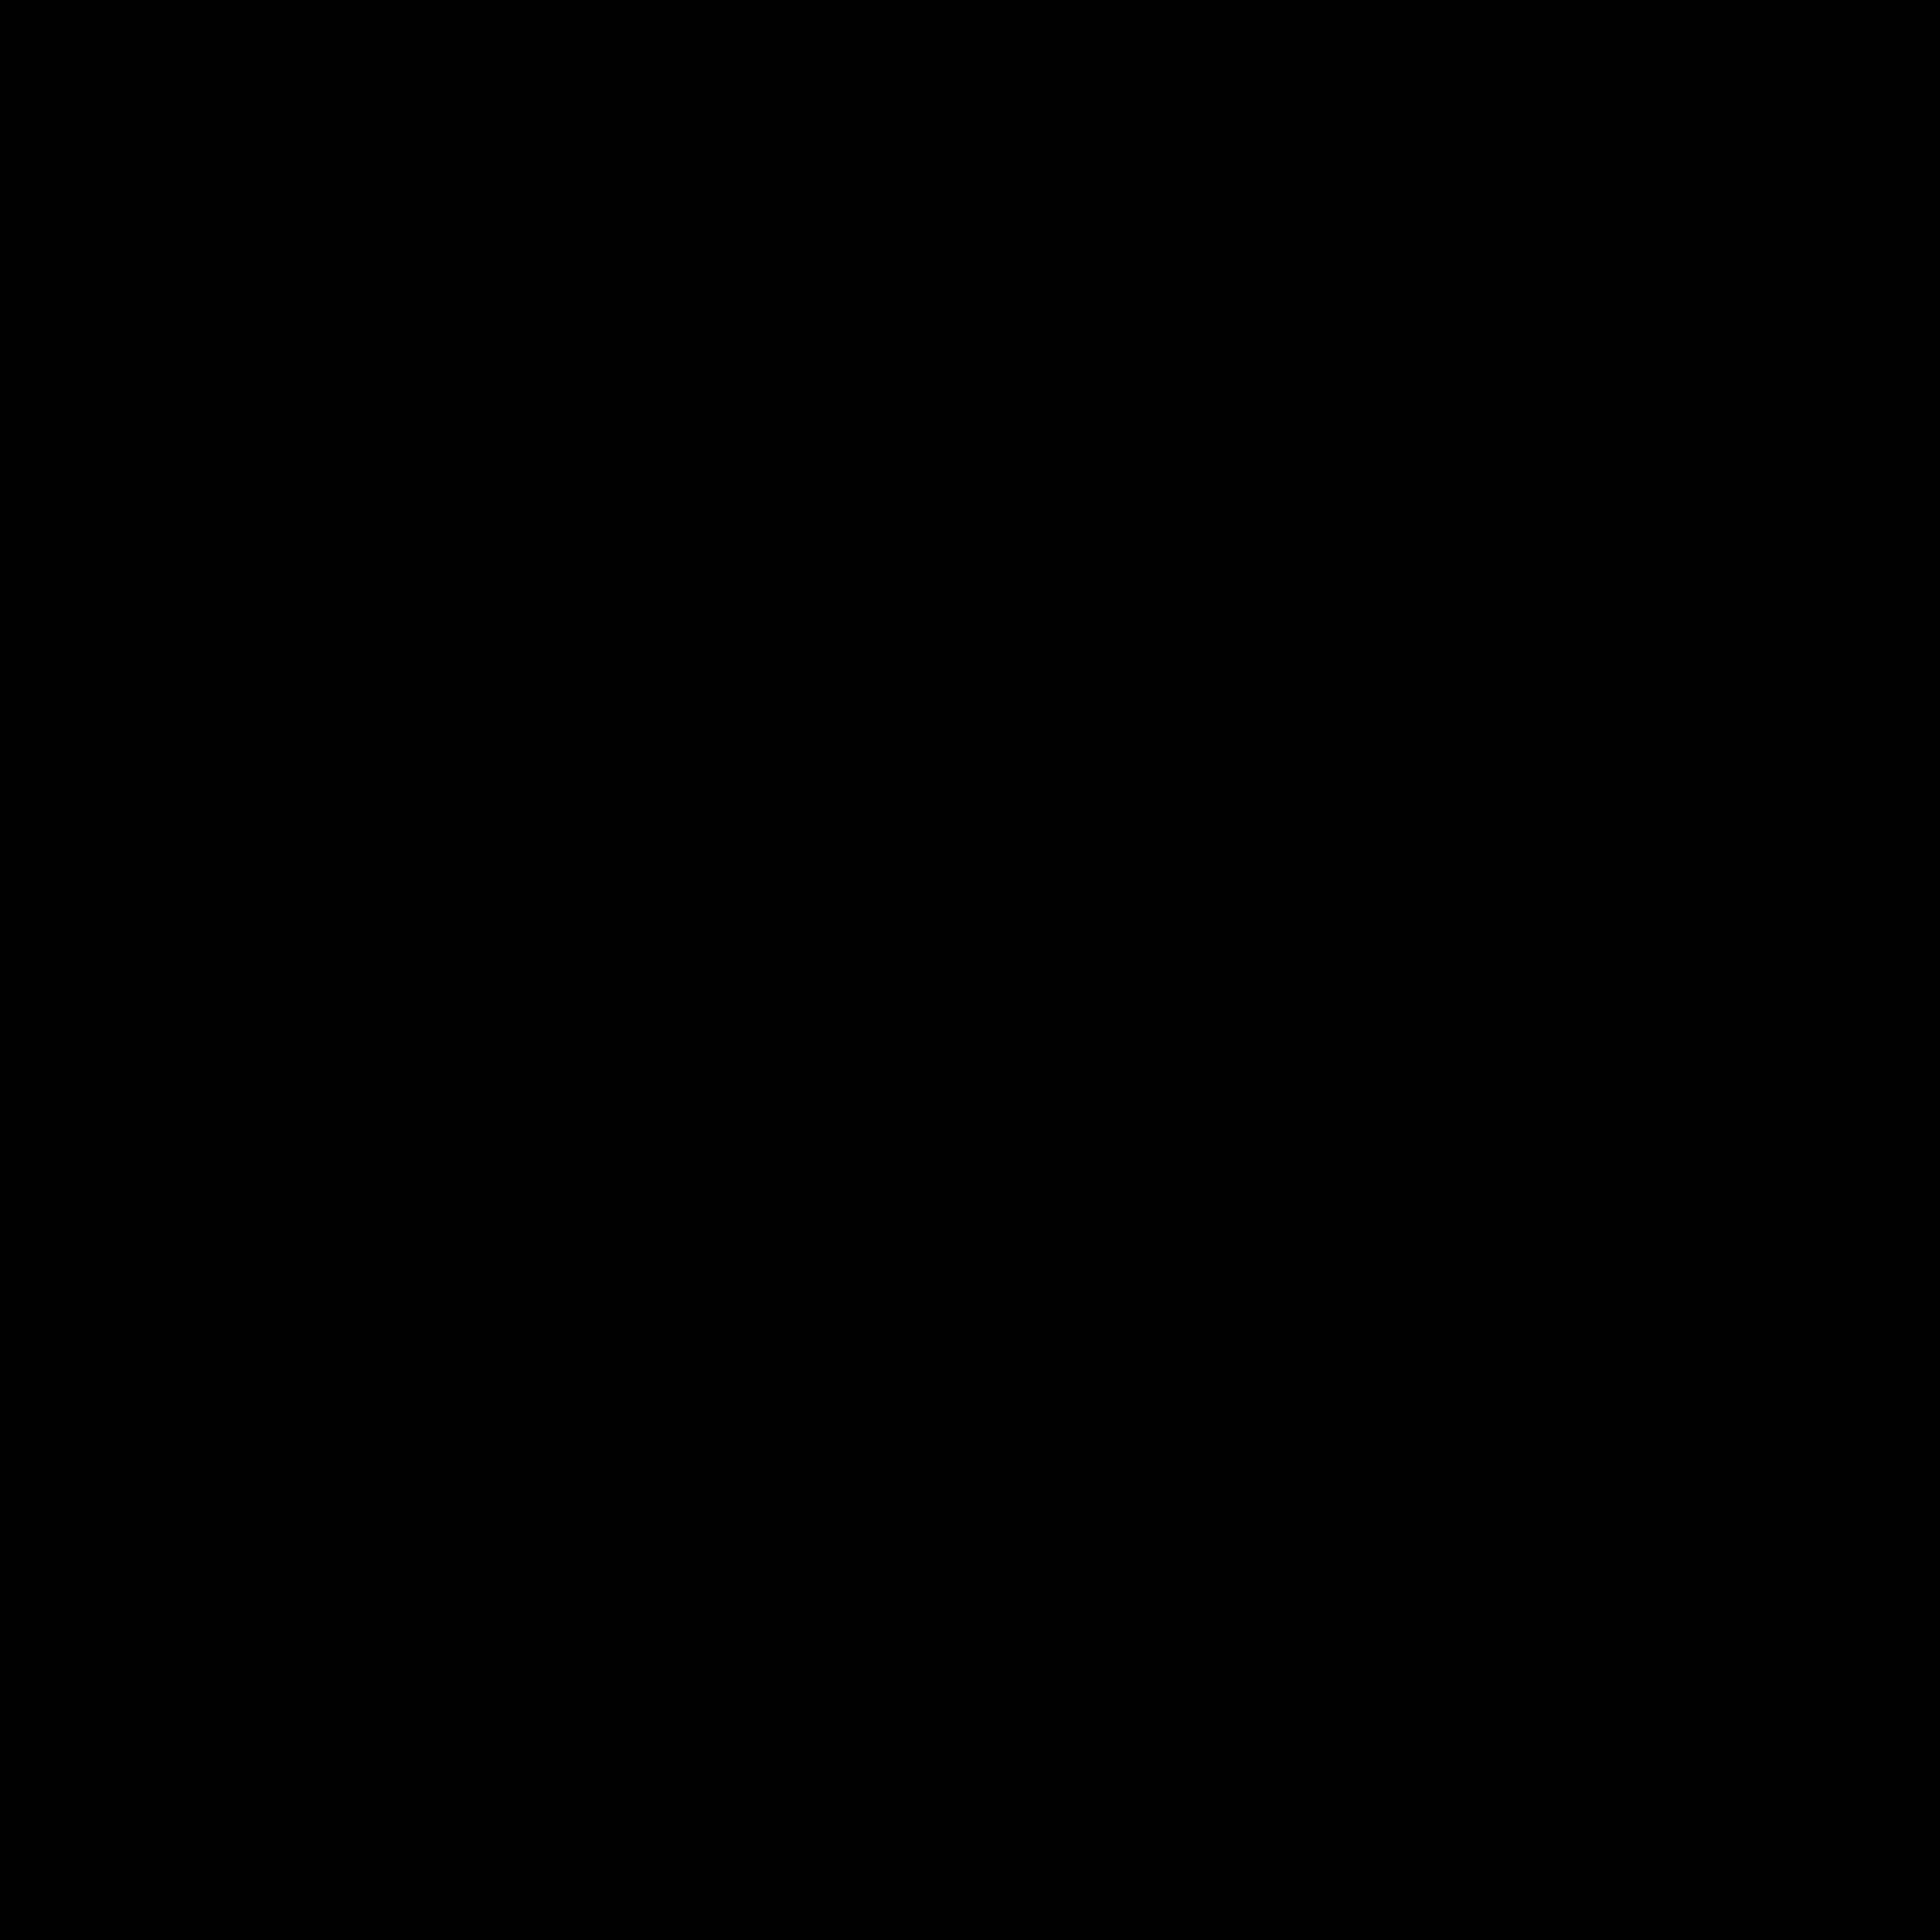 Большая подборка малюнки на букву а 01